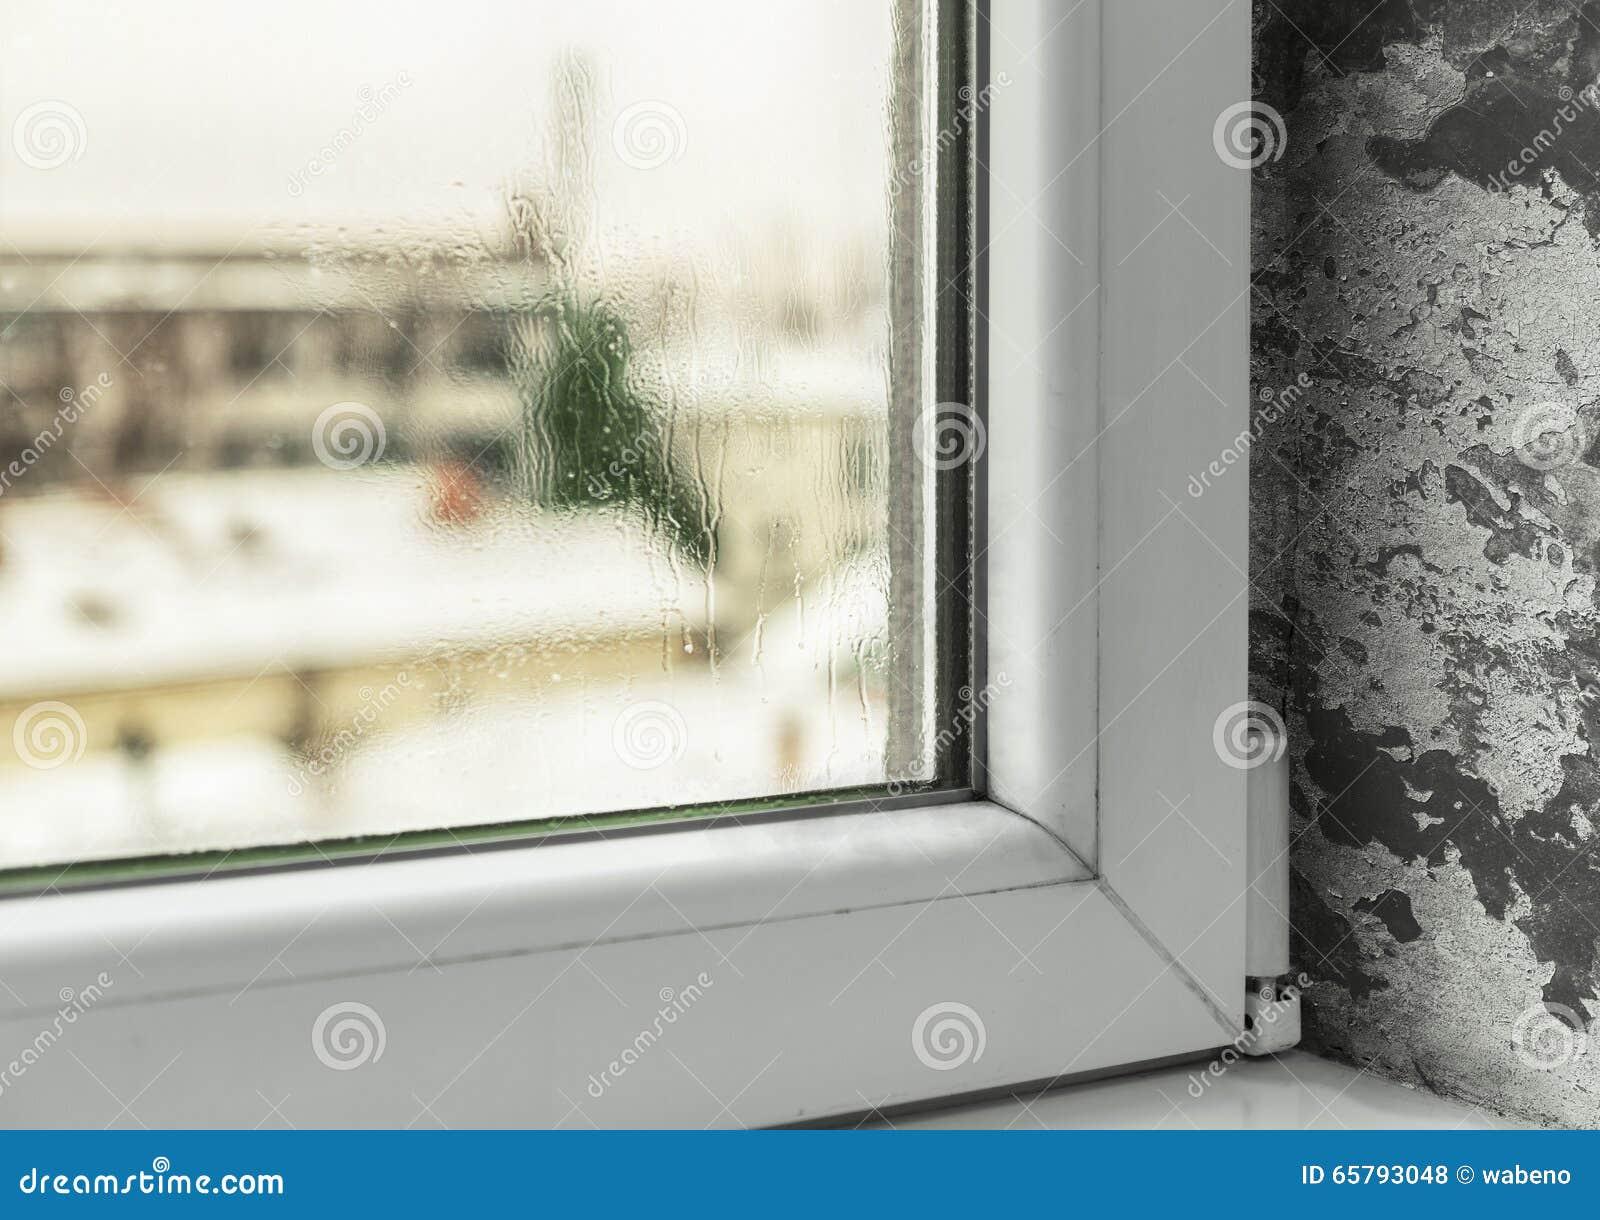 Vochtigheidsgraad In Huis : Schade wegens vochtigheid in het huis stock foto afbeelding